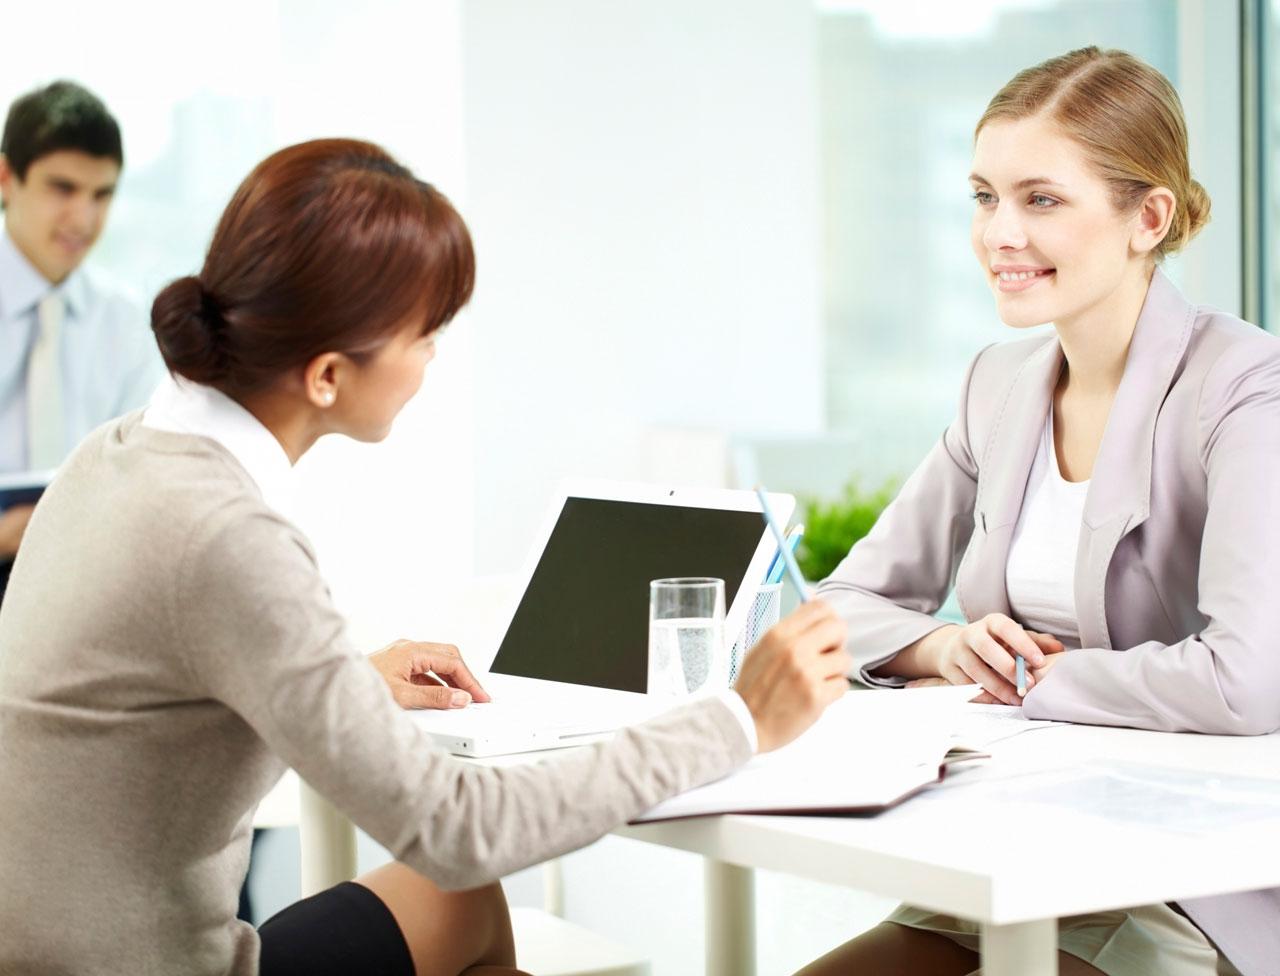 10 règles pour réussir ses entretiens d'embaûche téléphoniques